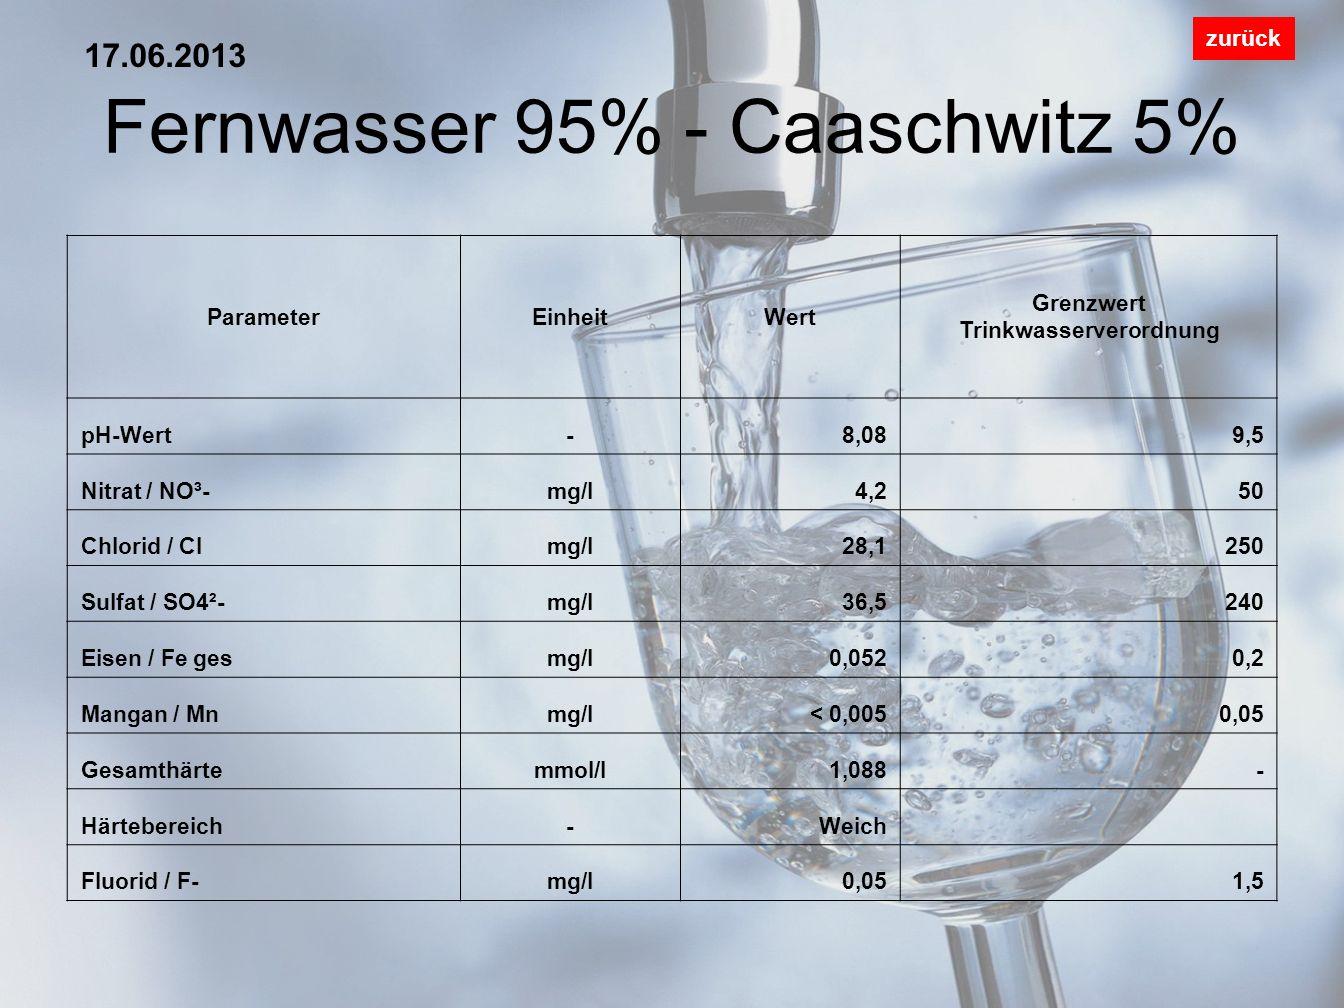 Fernwasser 95% - Caaschwitz 5%